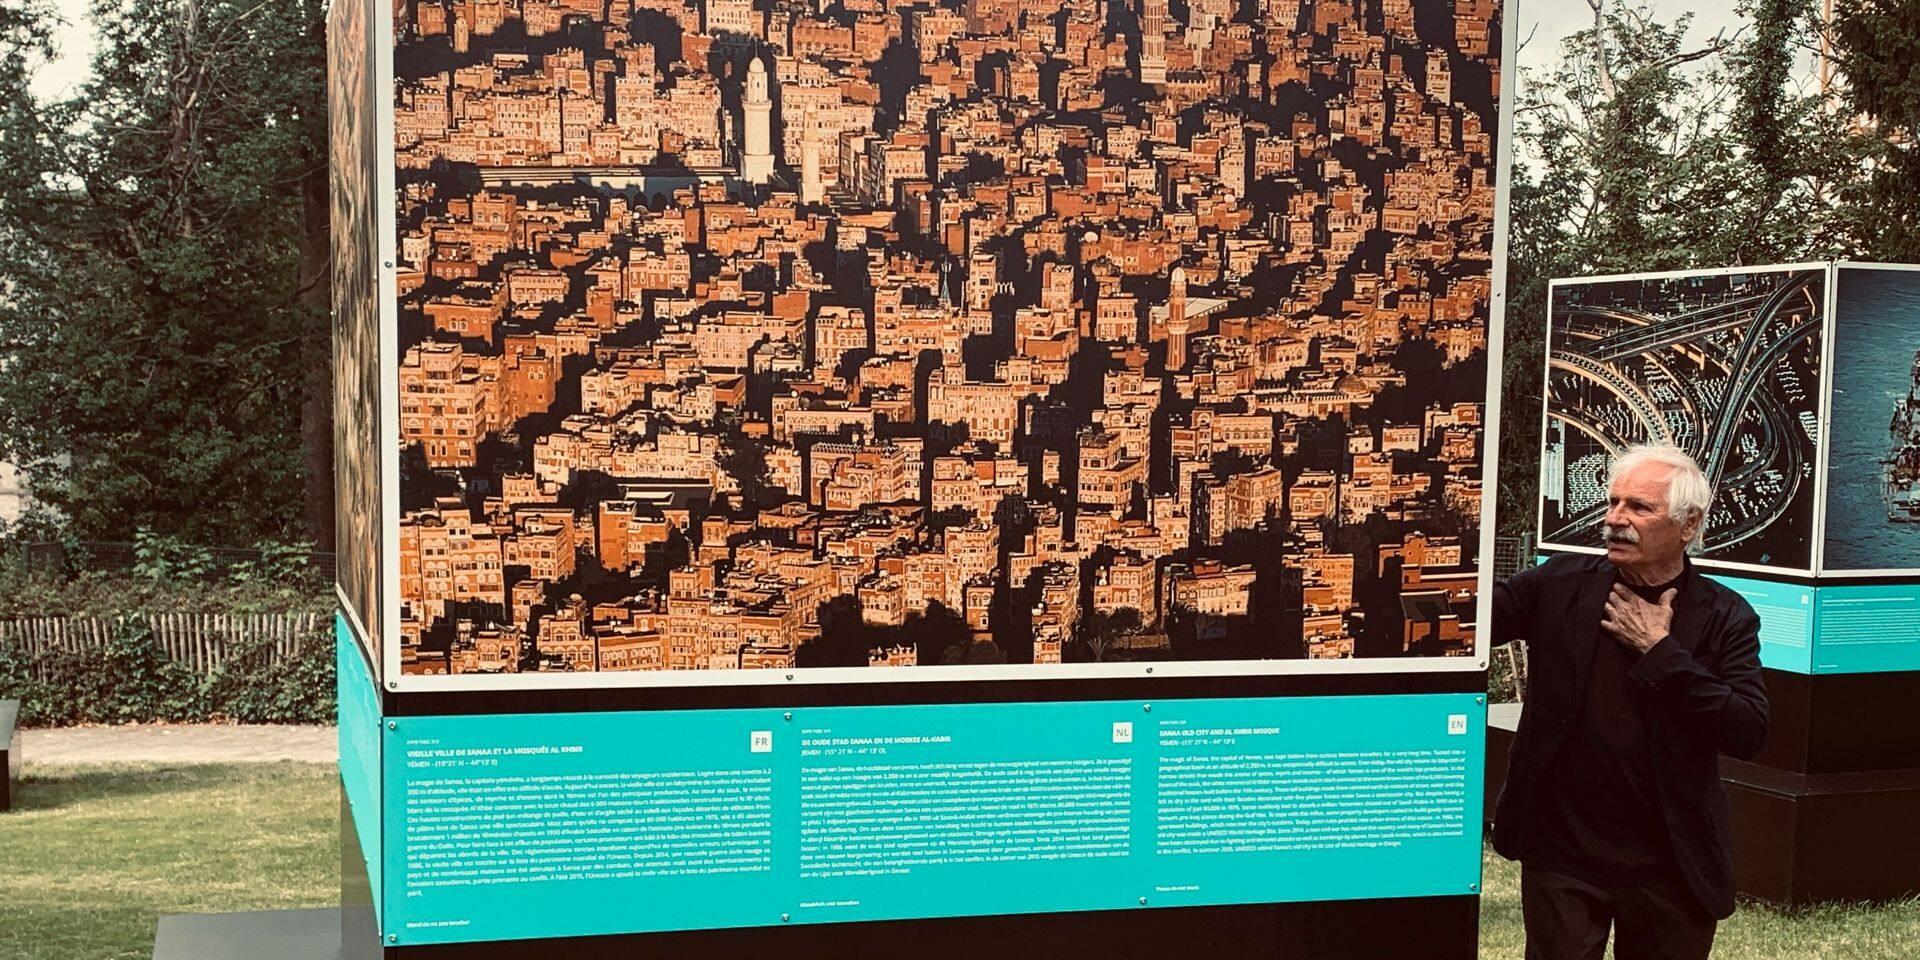 Succès pour les sites culturels à Mons : 40.000 personnes ont visité l'exposition de Yann Arthus Bertrand